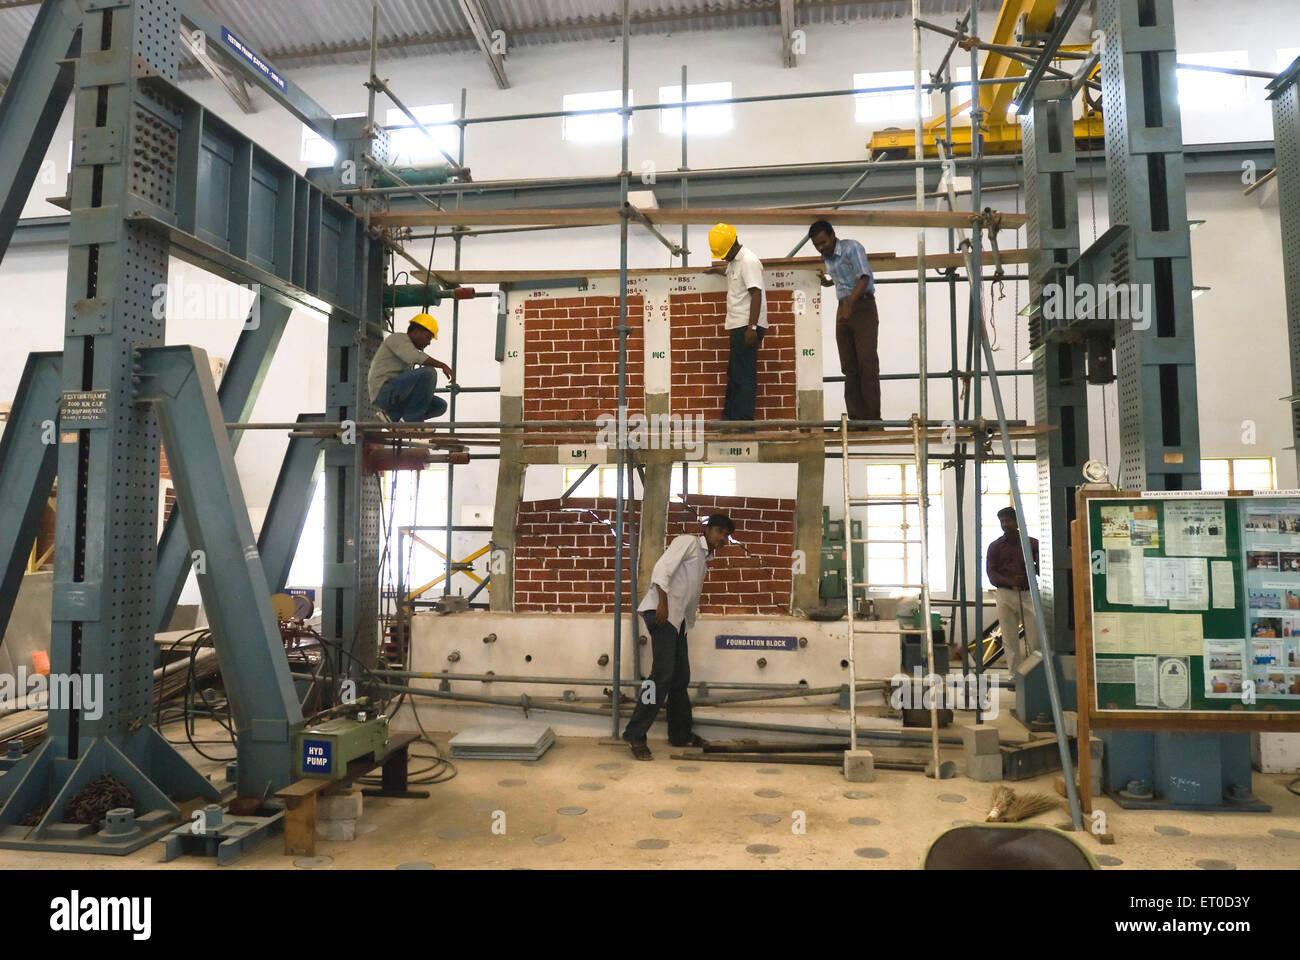 Ingegneria civile lab in coimbatore Institute of technology college di ingegneria ; Tamil Nadu ; India Immagini Stock